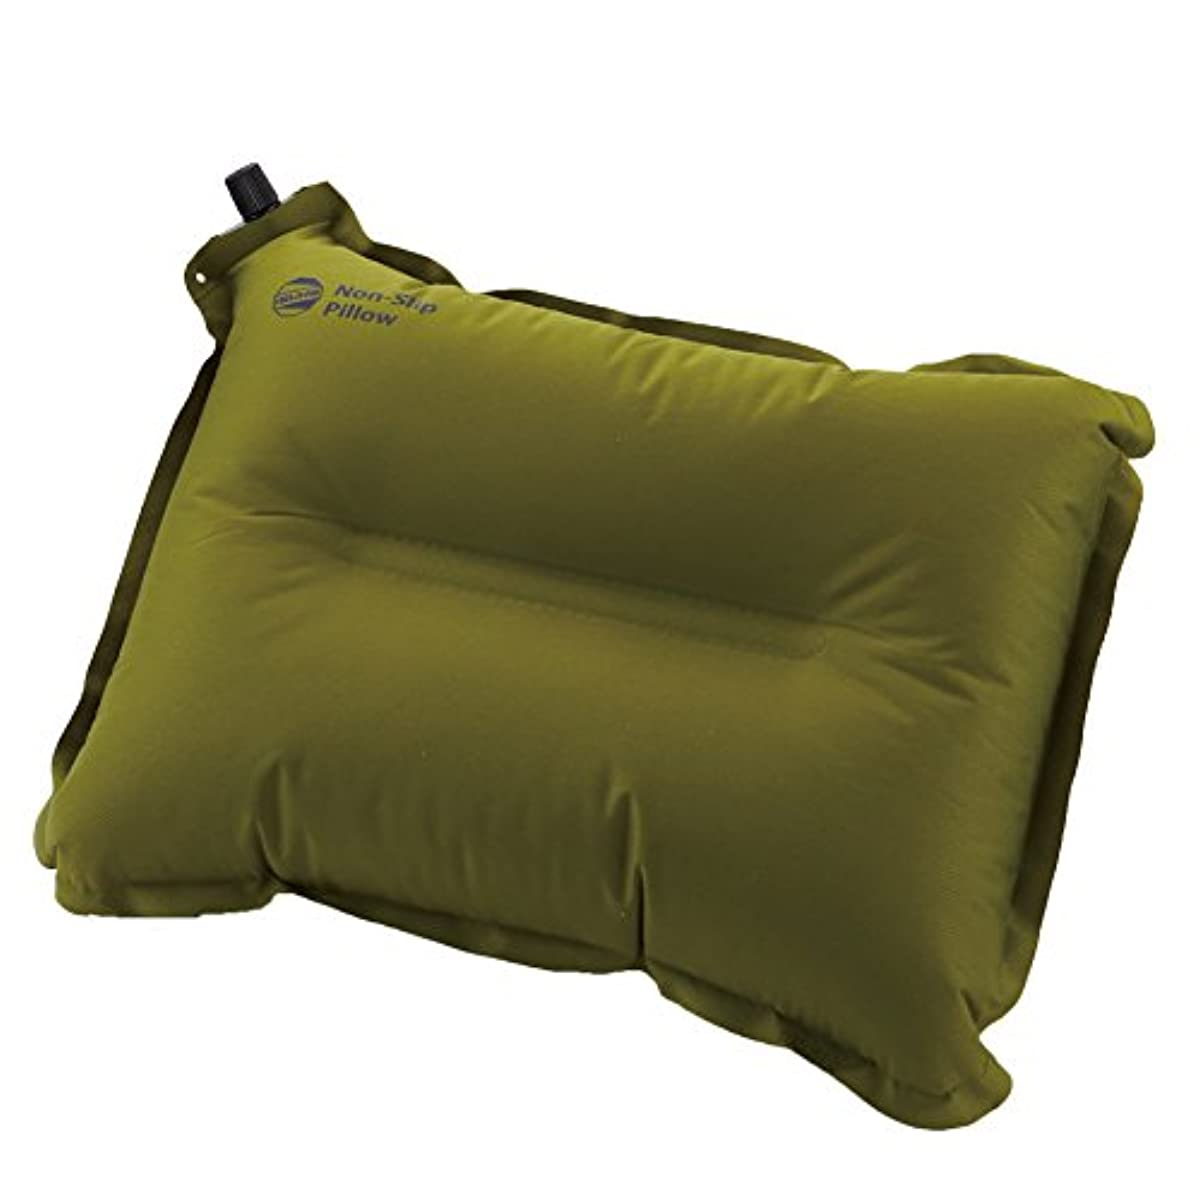 [해외] 의자 카ISUKA non슬립 pillow